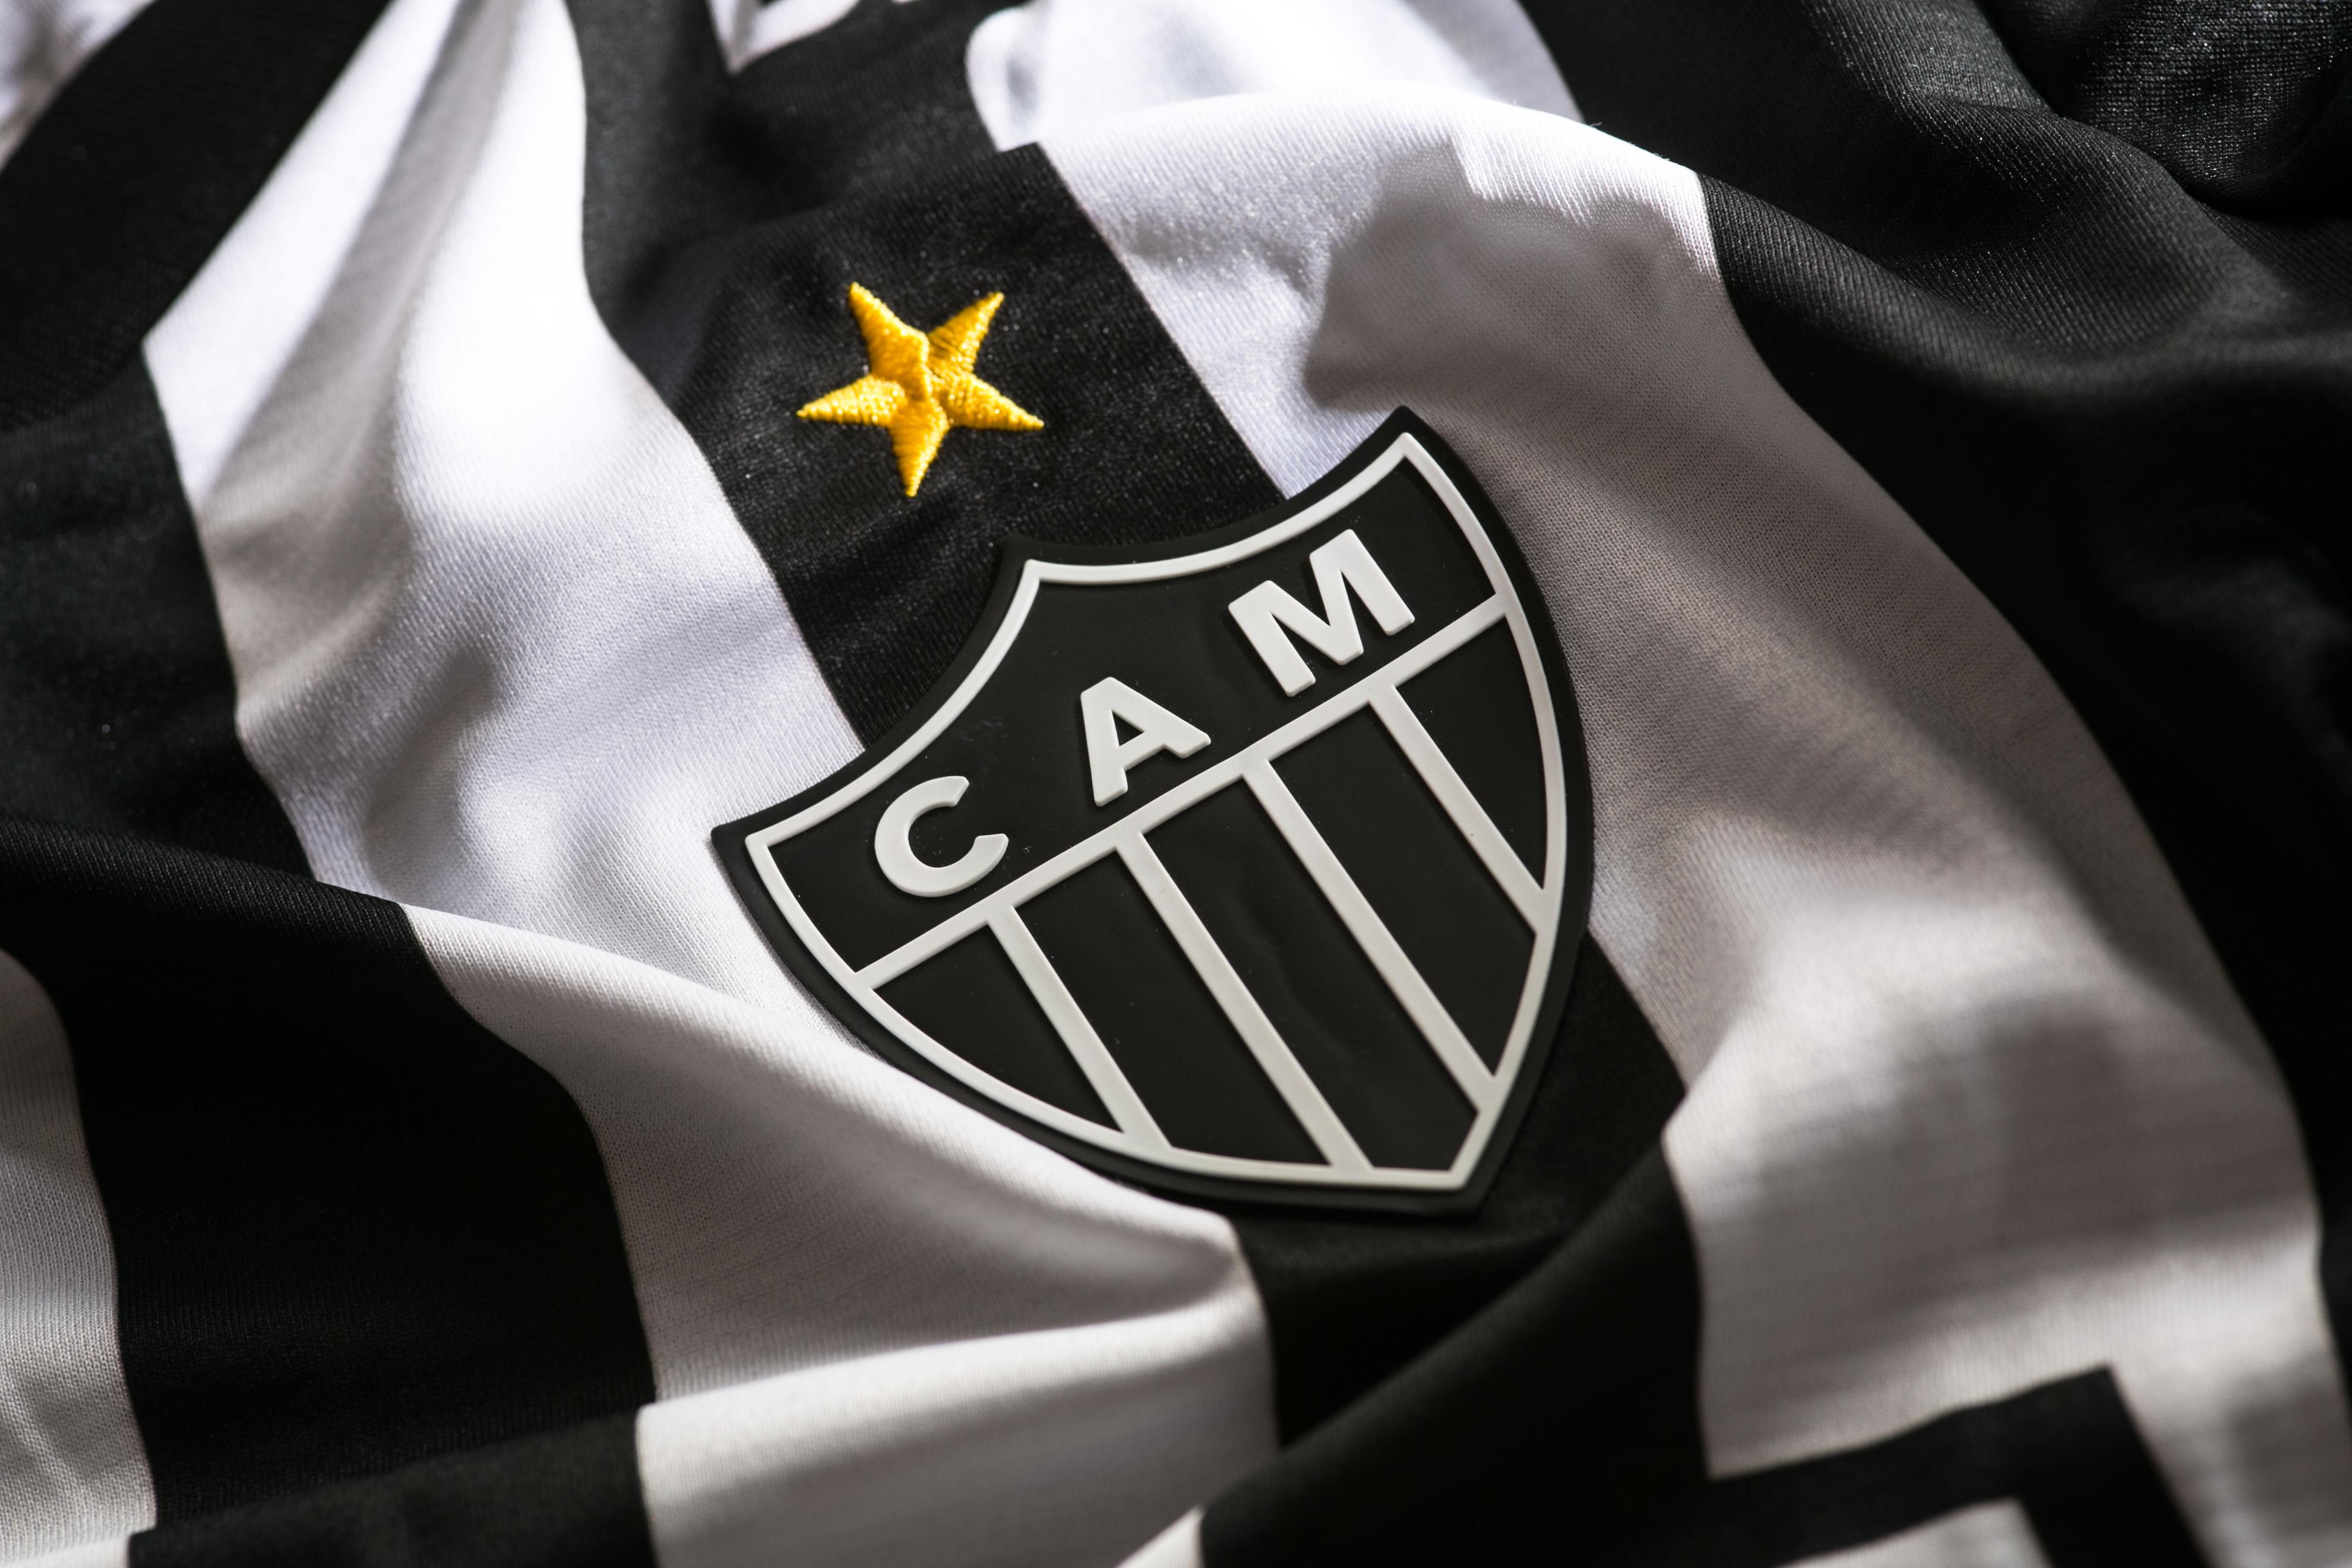 O Atlético-MG e a Topper lançaram na última sexta-feira a coleção 2018 de  uniformes que acompanharão a equipe ao longo dos torneios deste ano. 49c0cba3cfc28